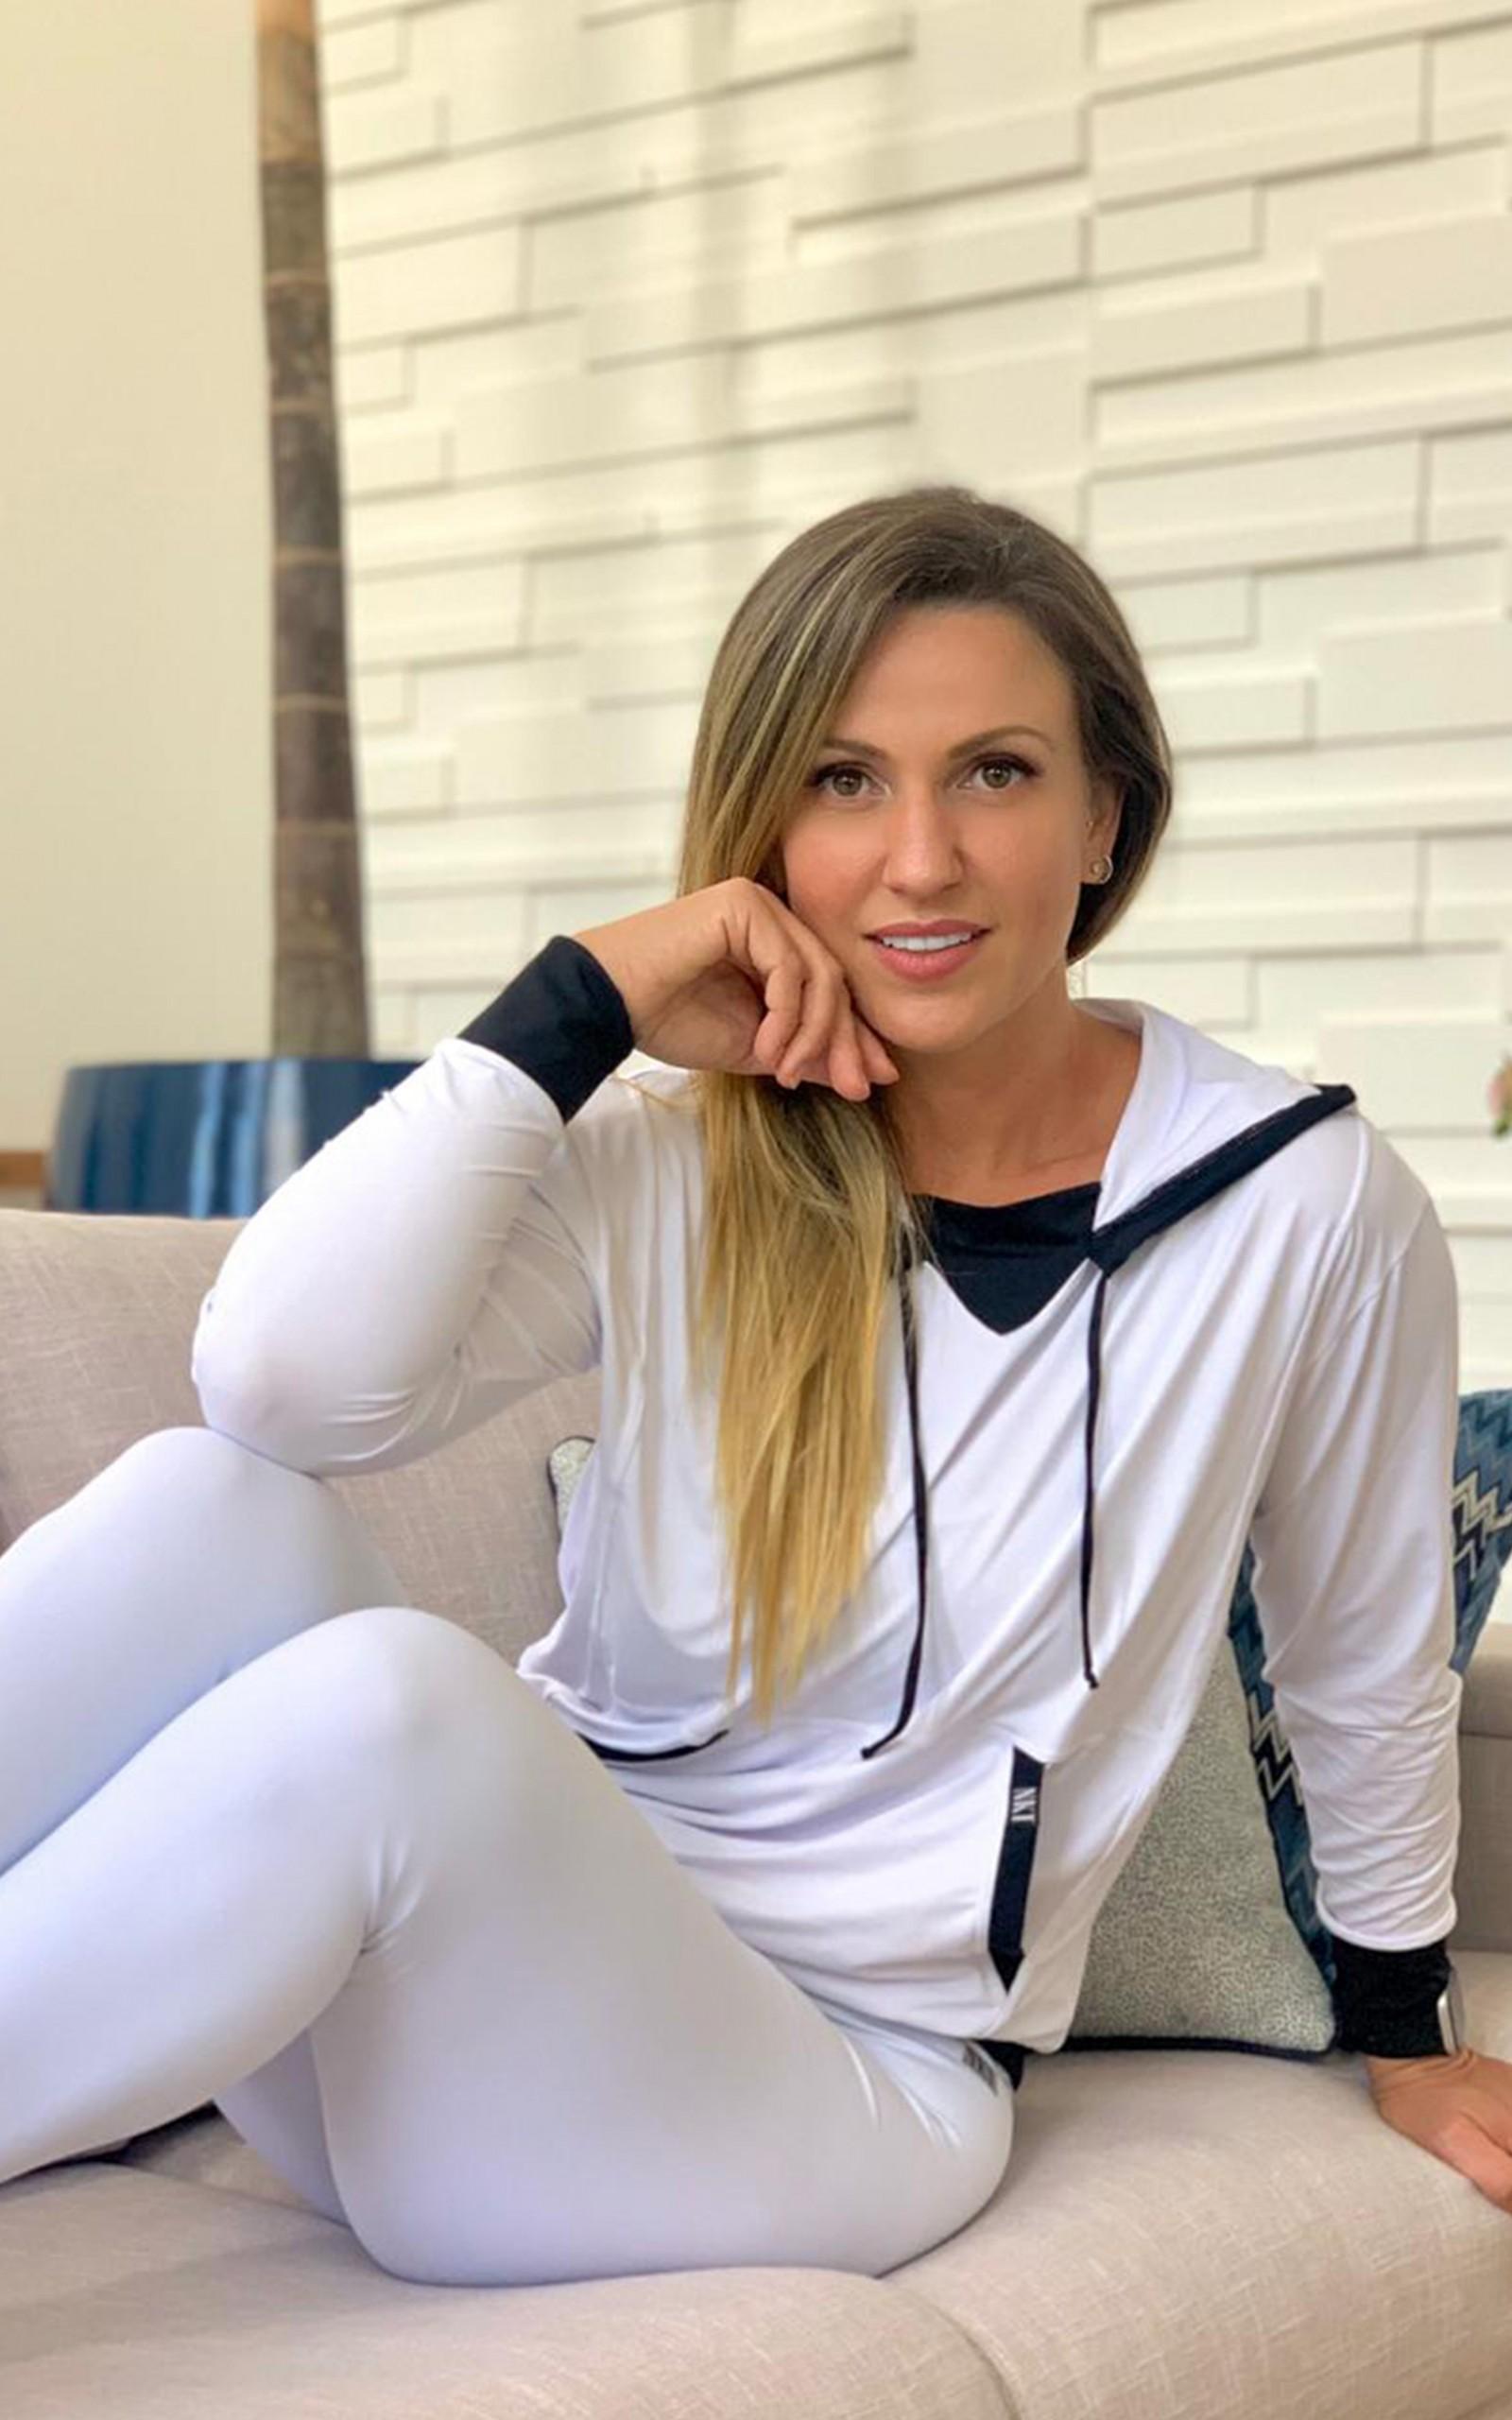 Casaco Duo Branco, Coleção Move Your Body - NKT Fitwear Moda Fitness